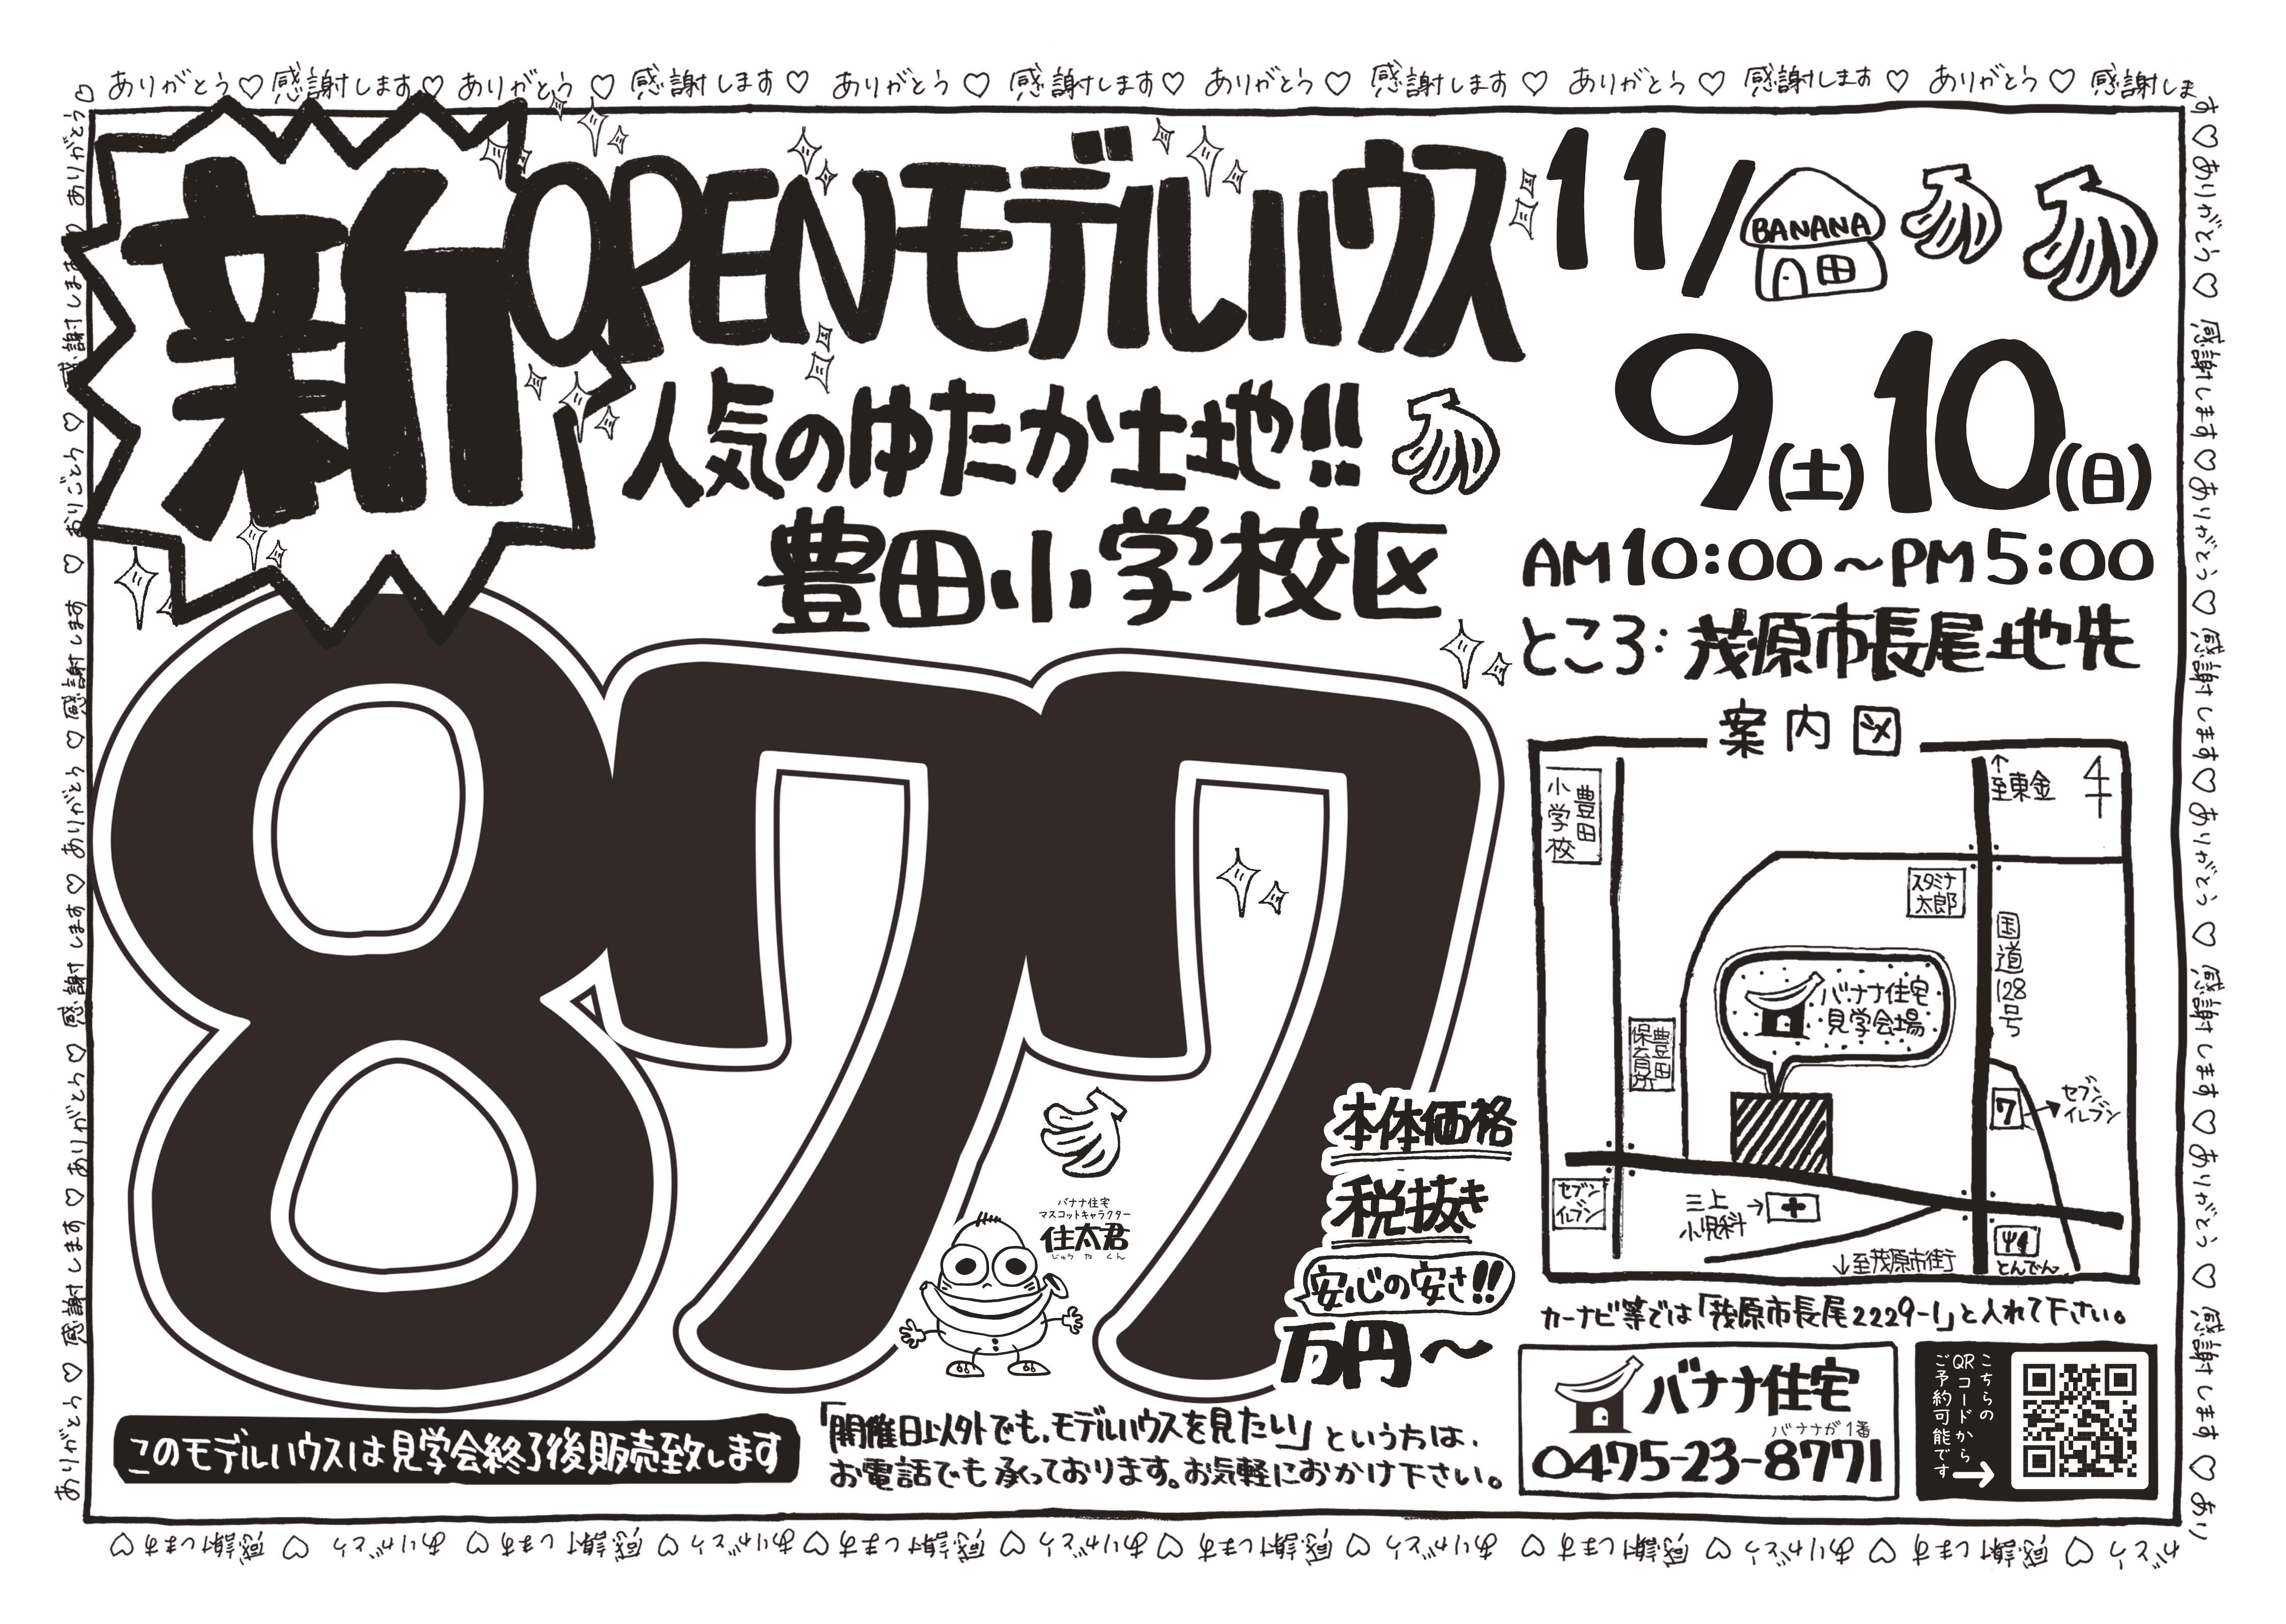 バナナ住宅モデルハウス公開!11月9日~10日